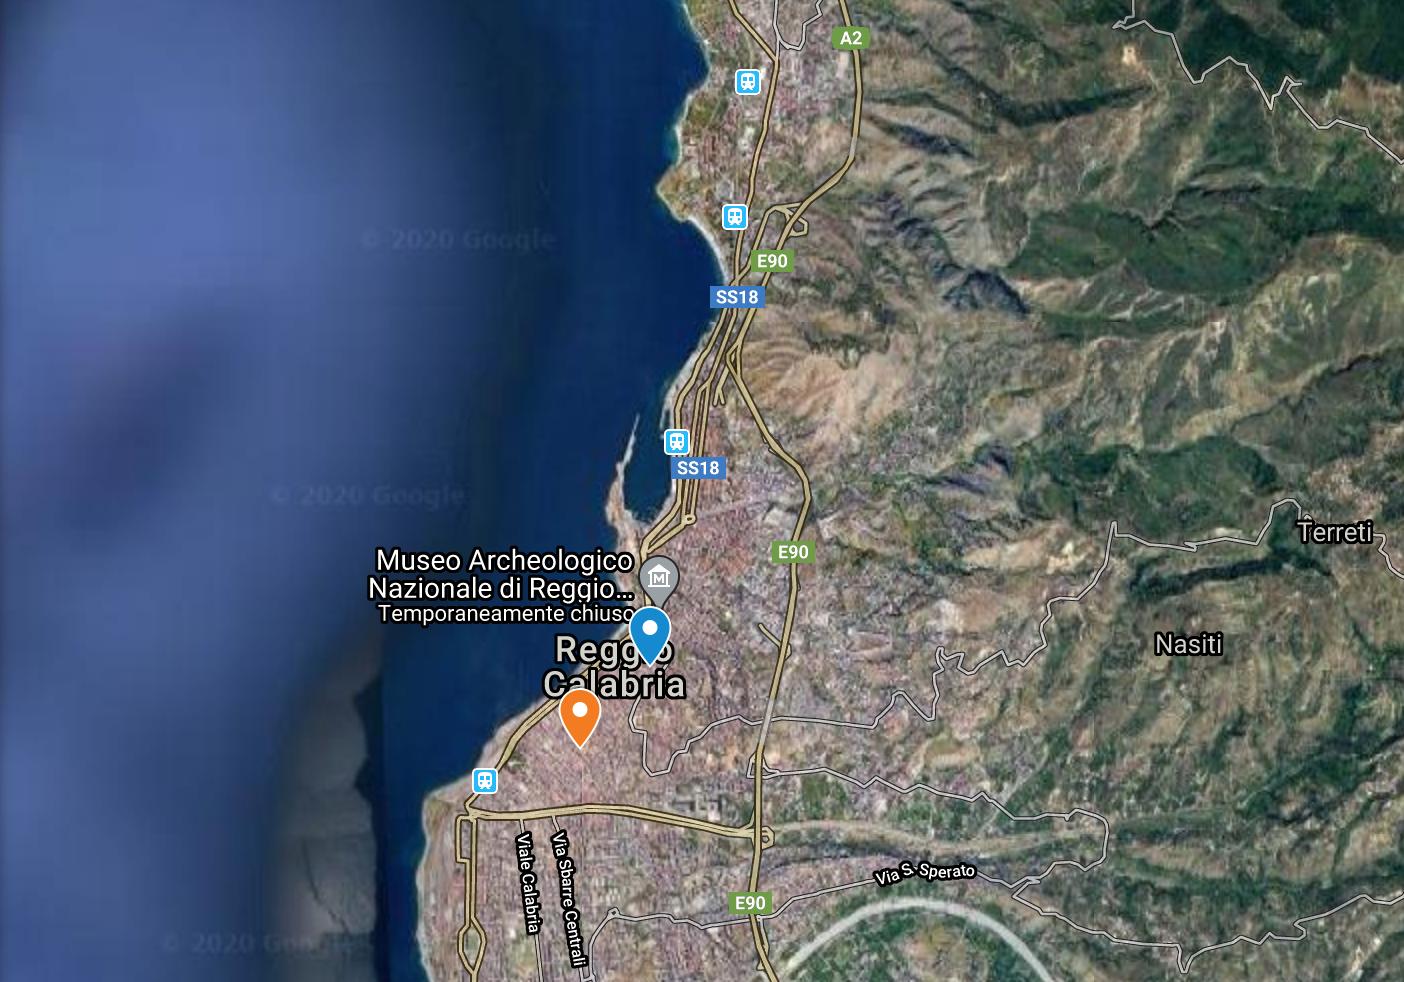 Piccole Biblioteche Diffuse - Reggio Calabria